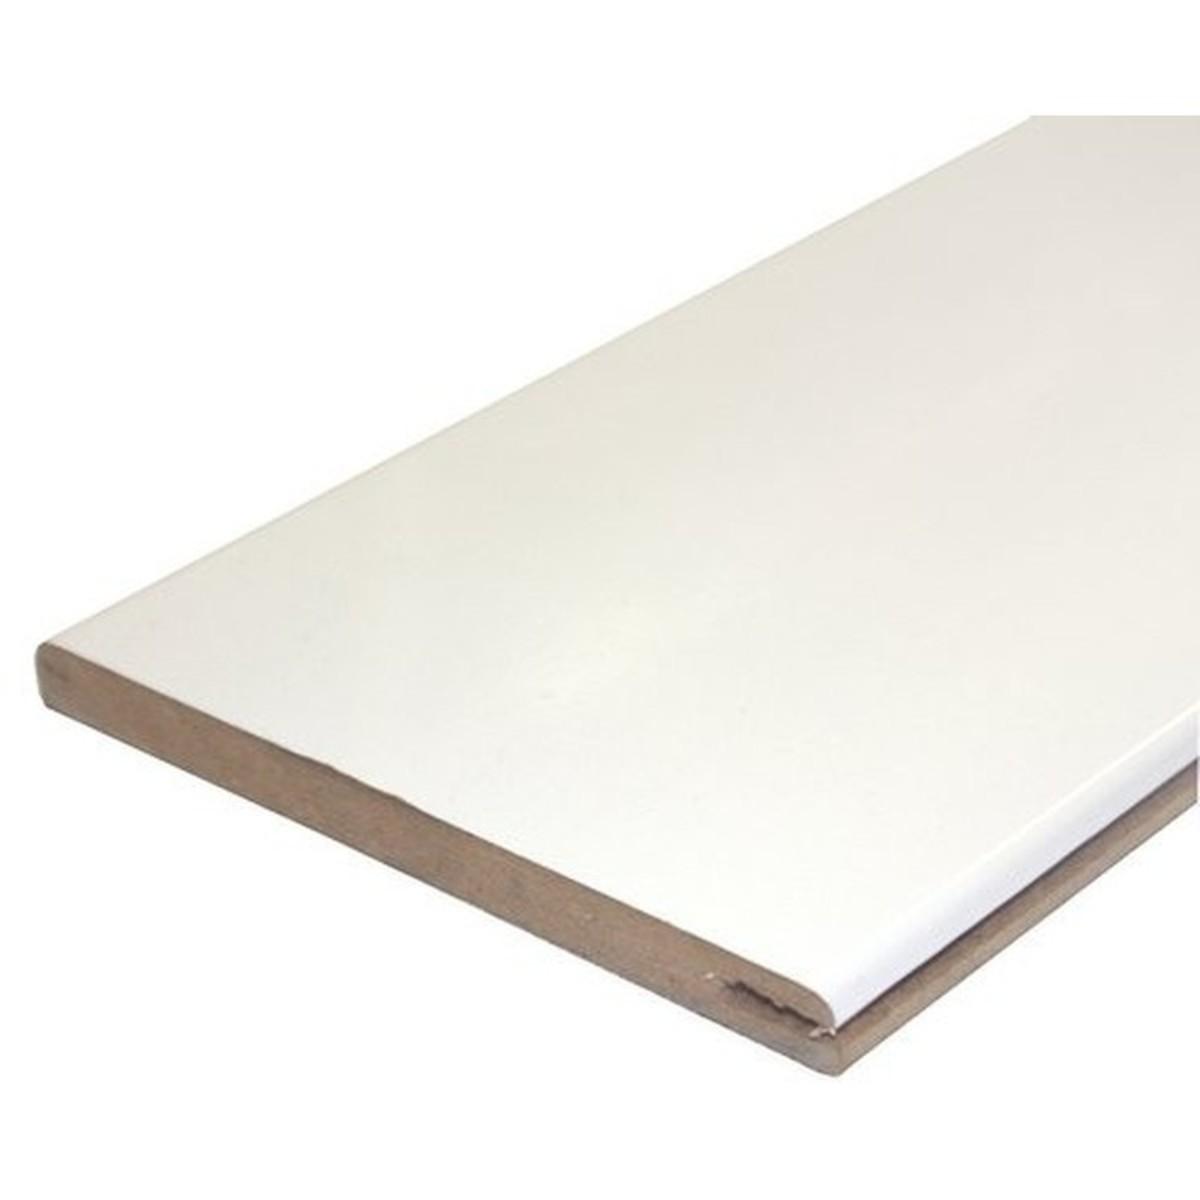 Добор 125 мм искусственный шпон цвет белый глянец